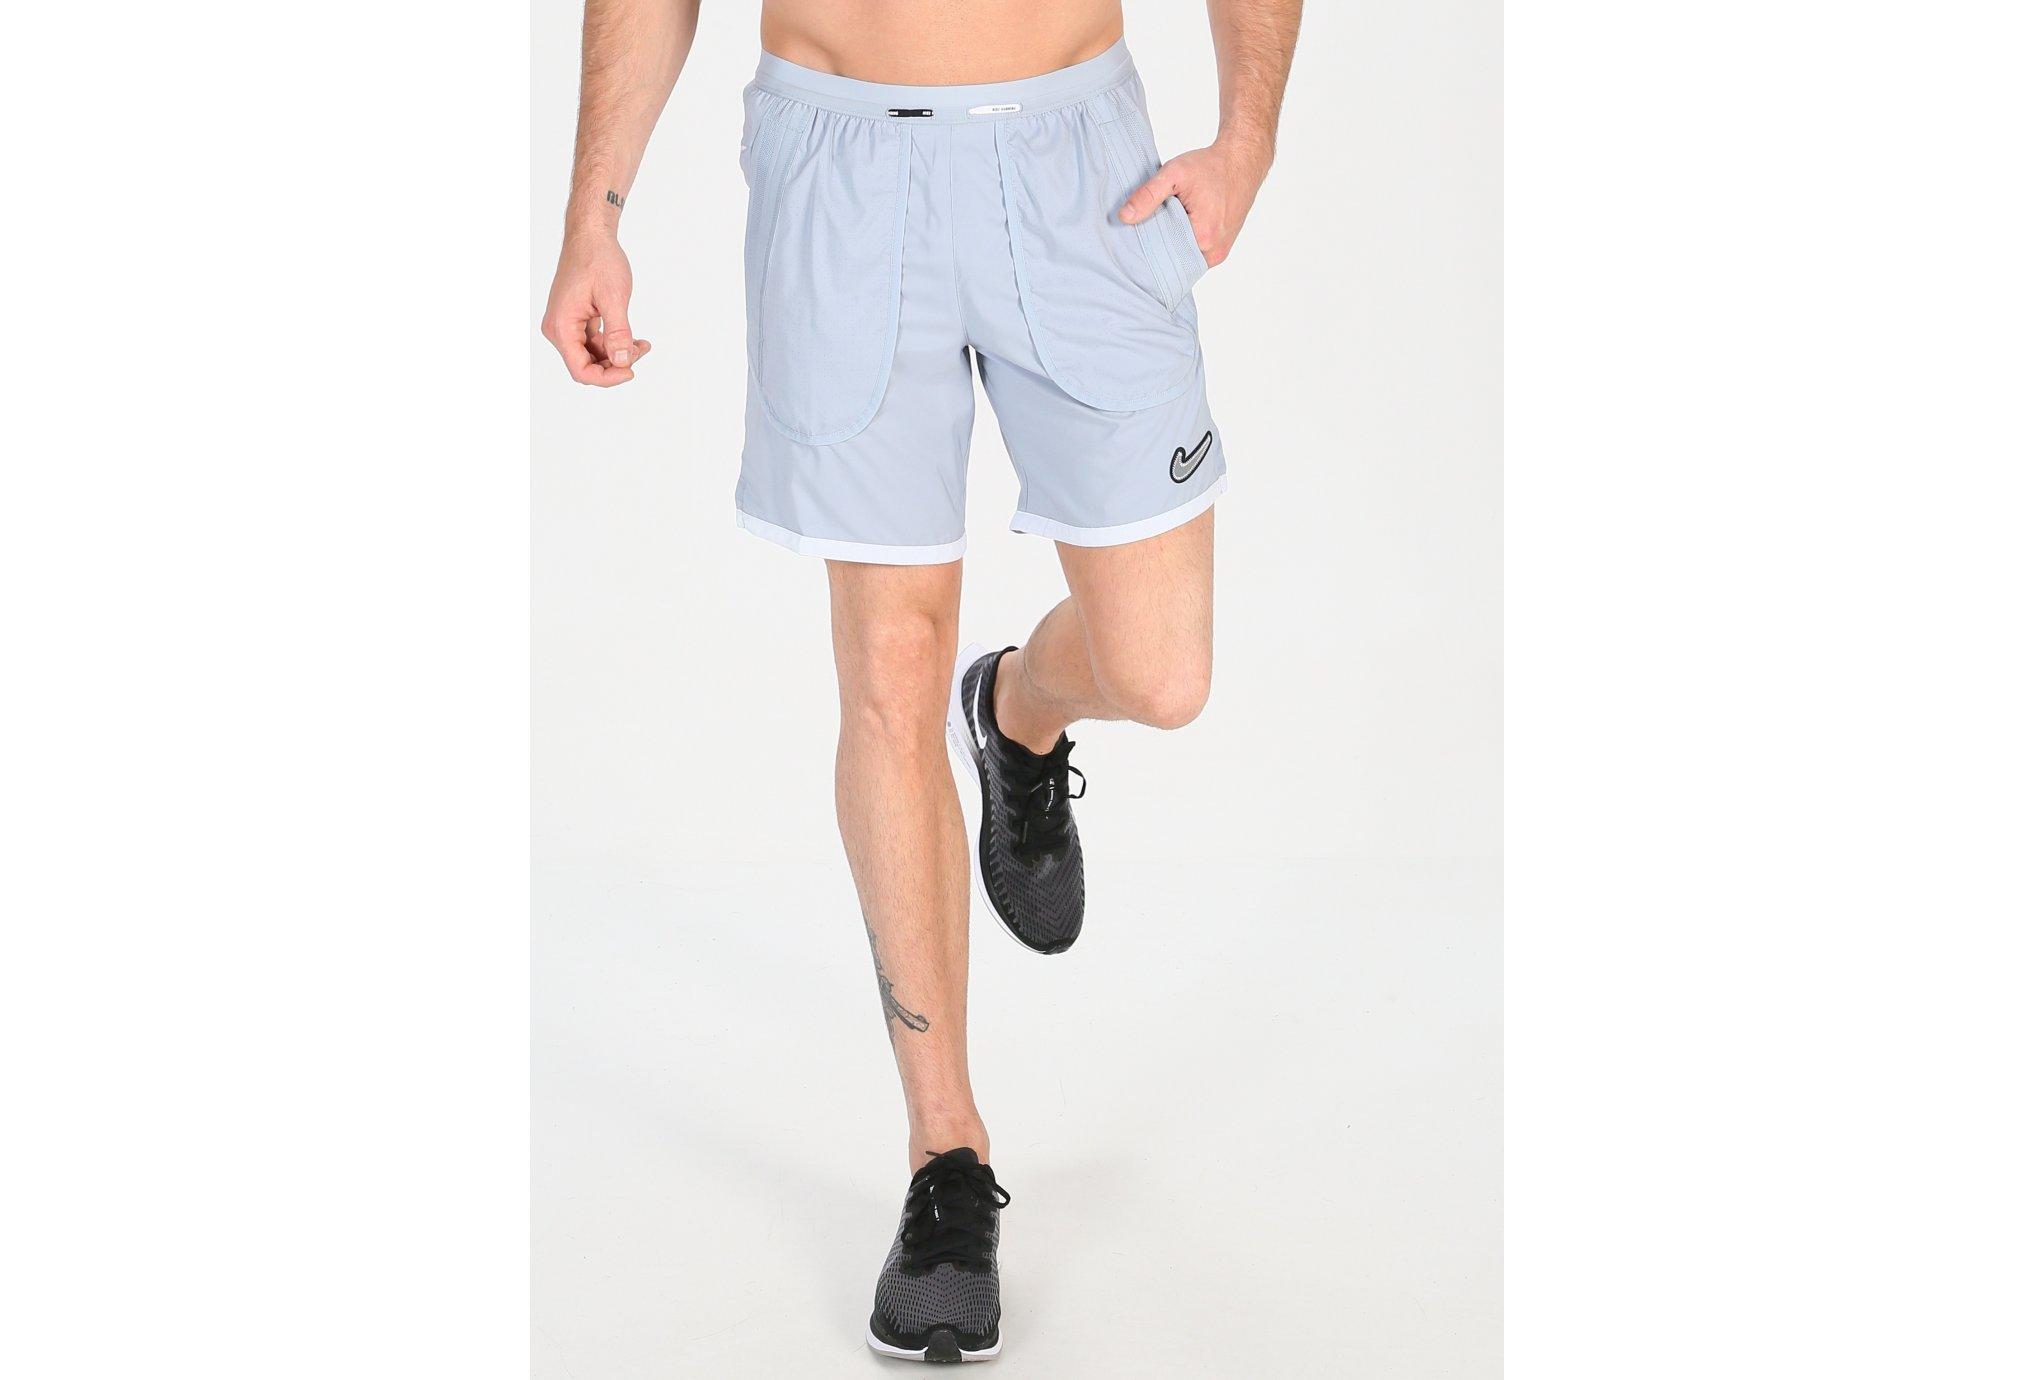 Nike Flex Stride Wild Run M vêtement running homme